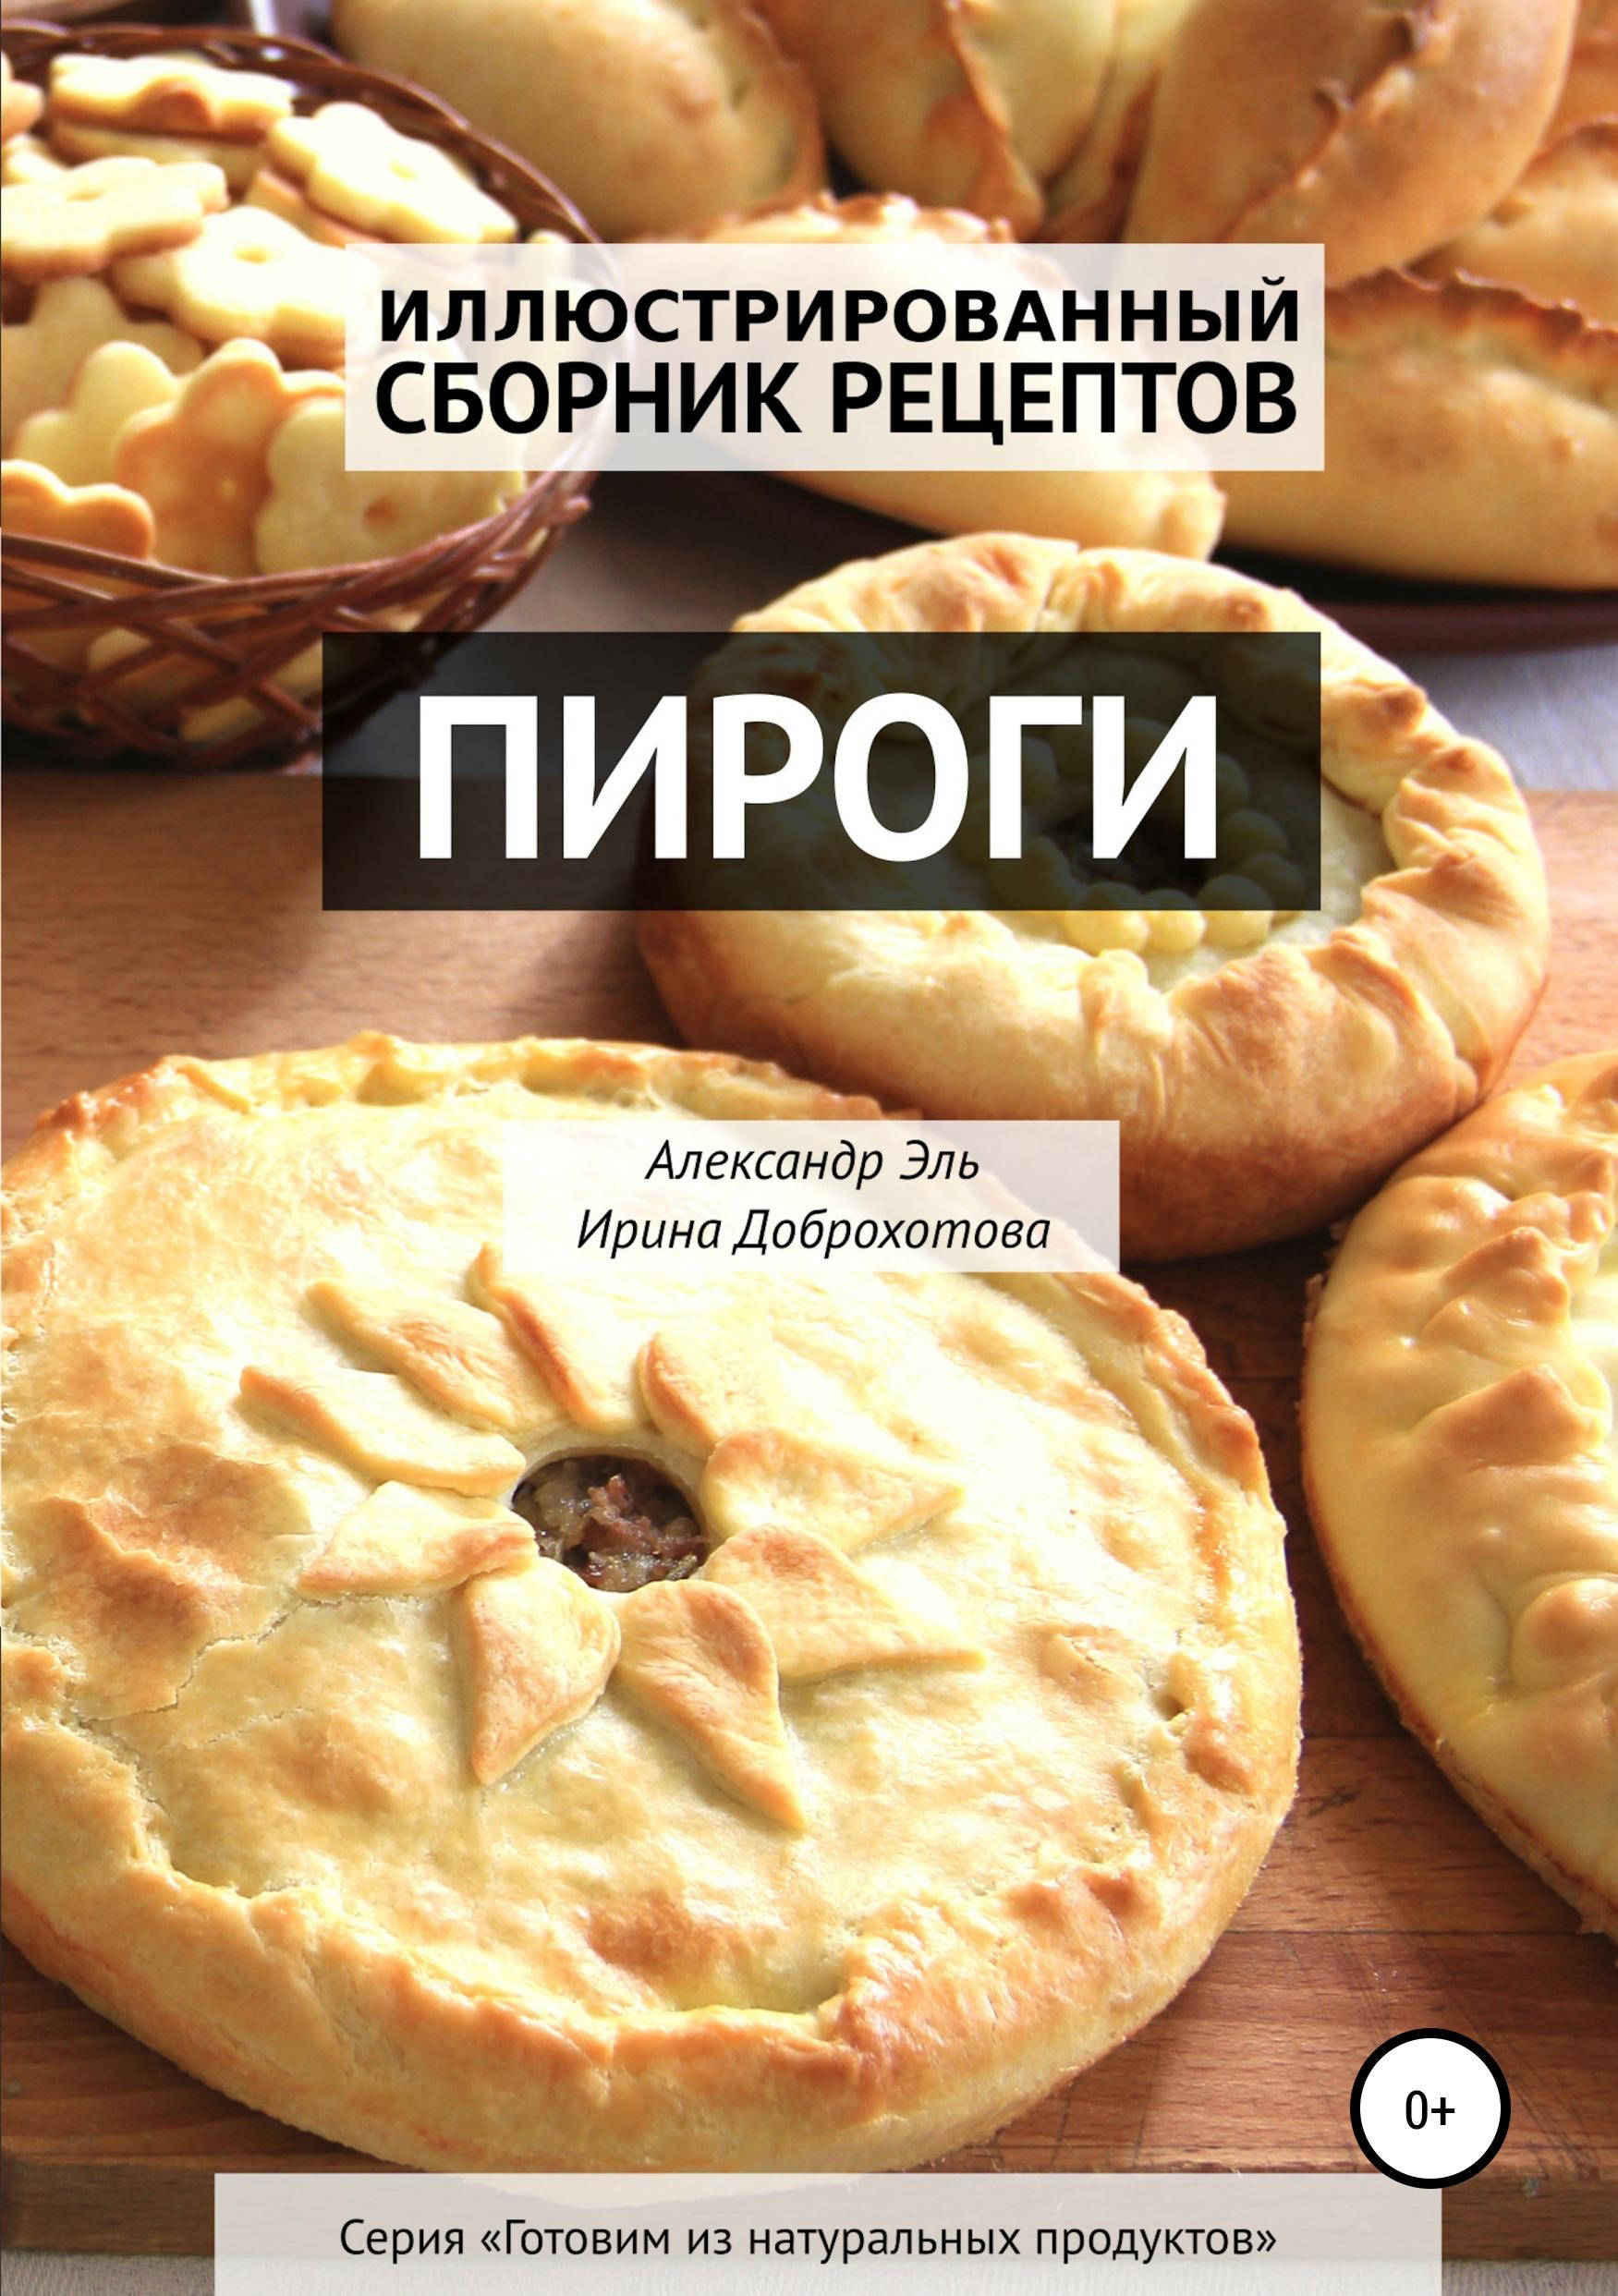 Пироги. Иллюстрированный сборник рецептов